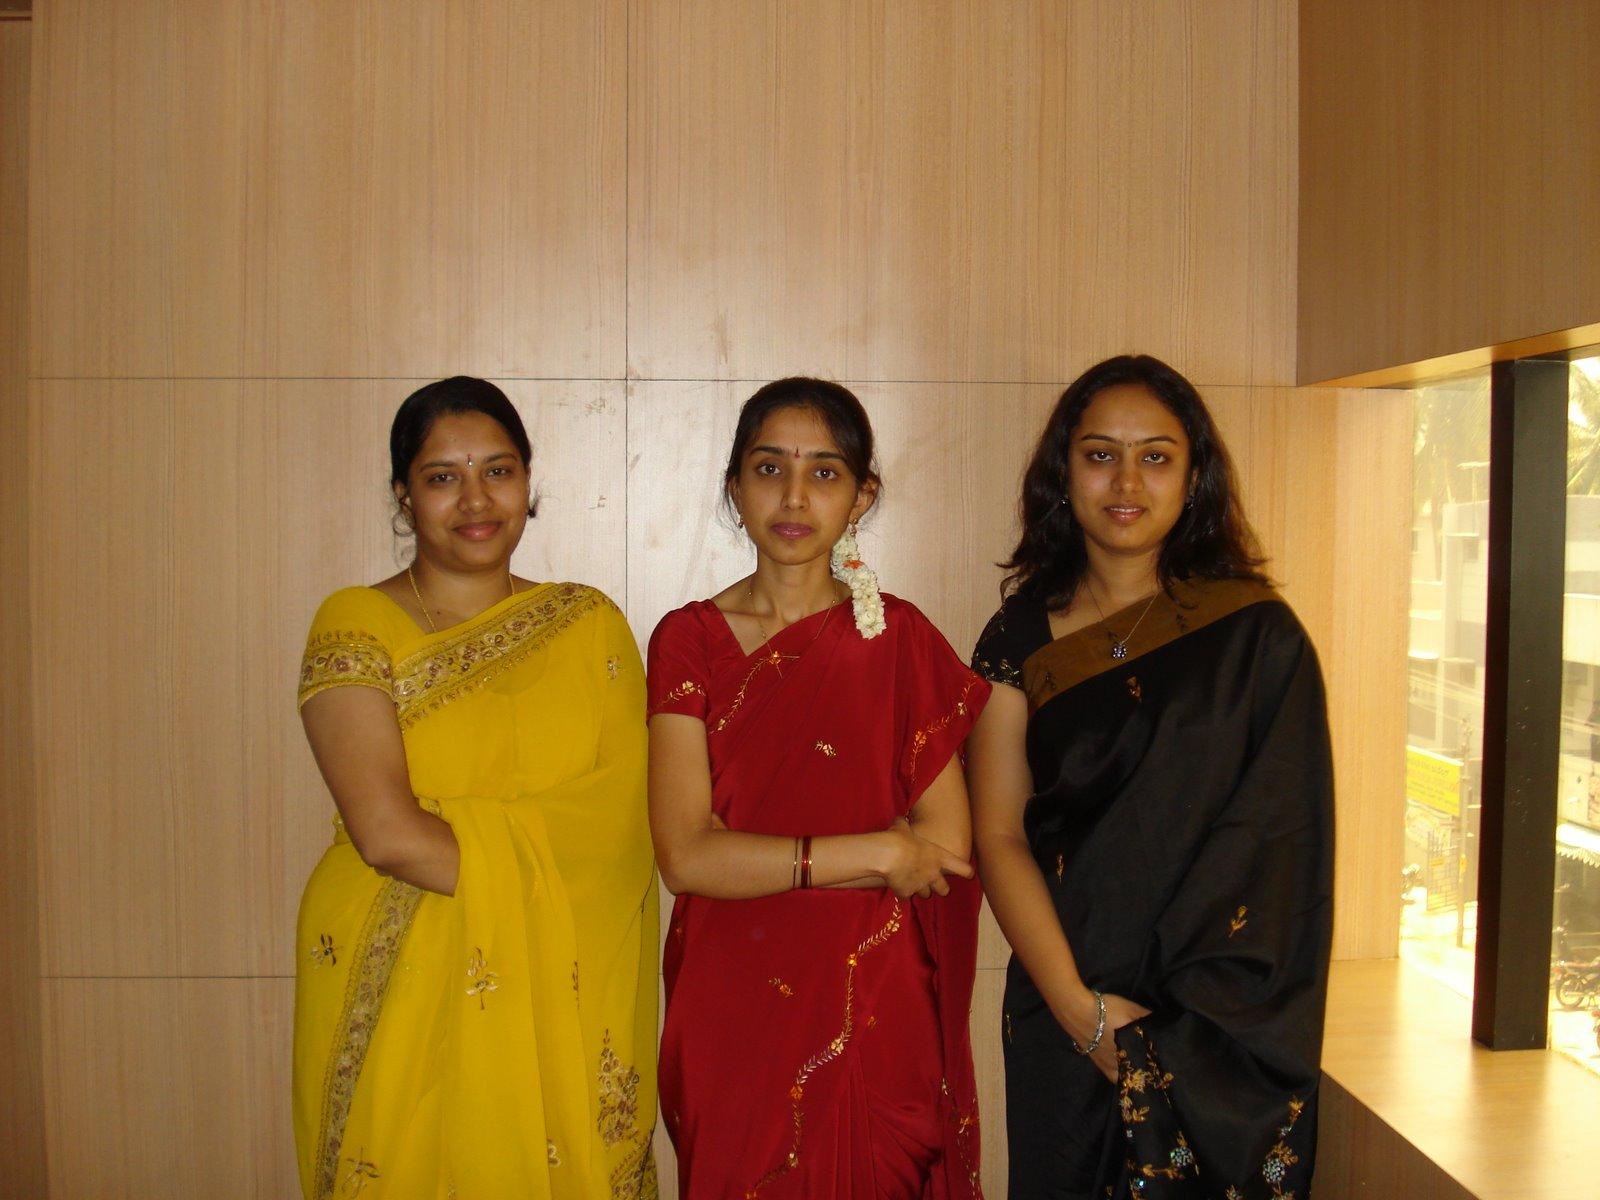 andhamina bhamalu : indian womens kk